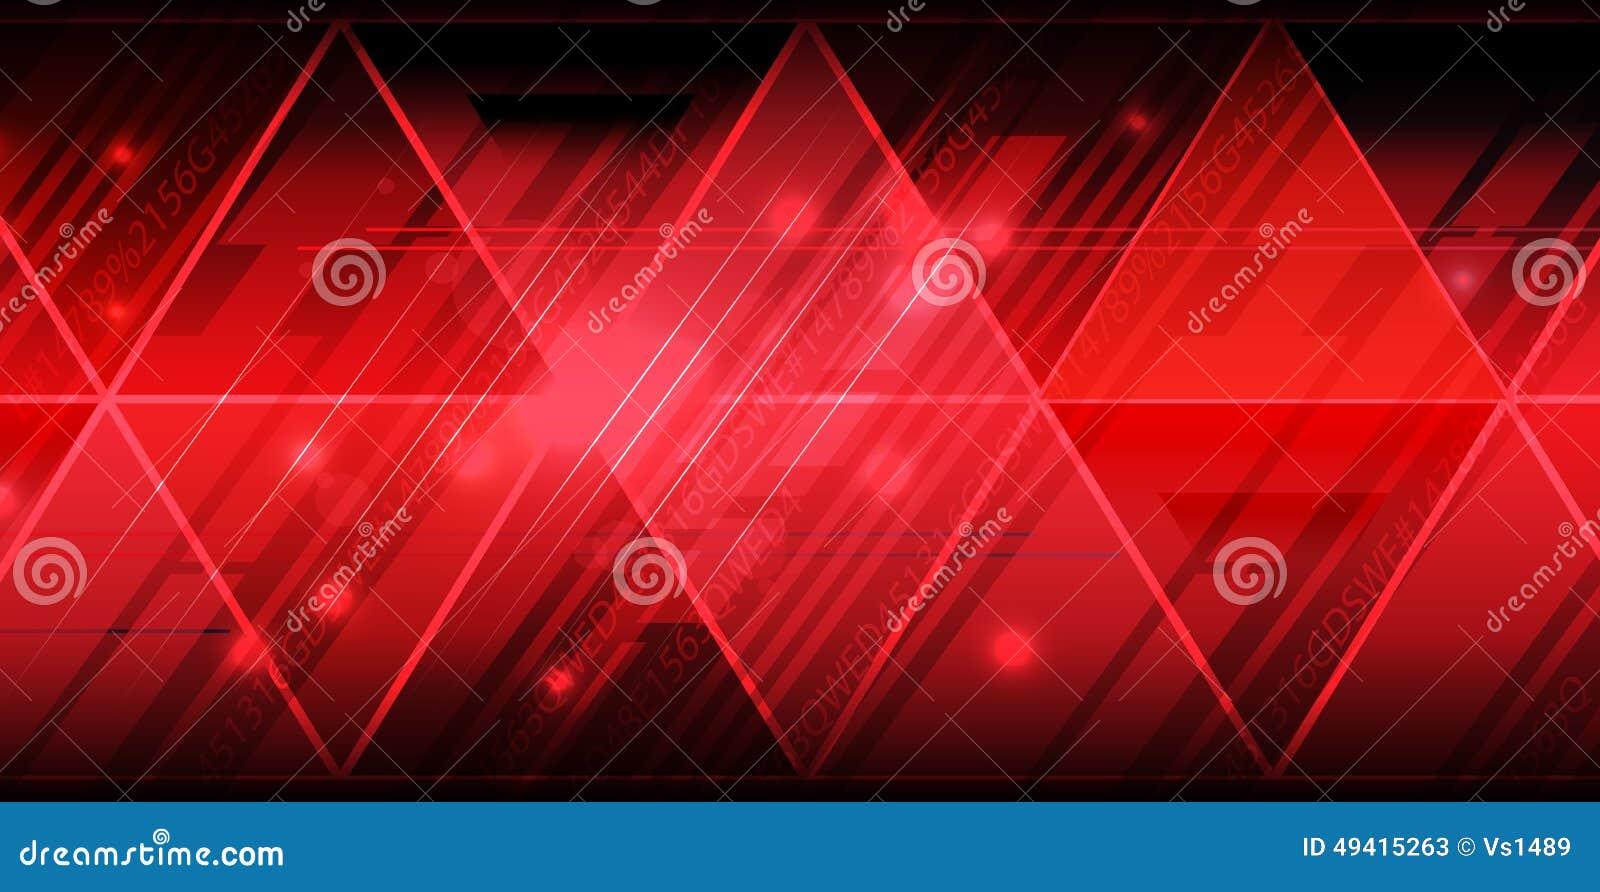 Download Bunter Abstrakter Geometrischer Hintergrund Für Design Vektor Abbildung - Illustration von leuchte, zeilen: 49415263